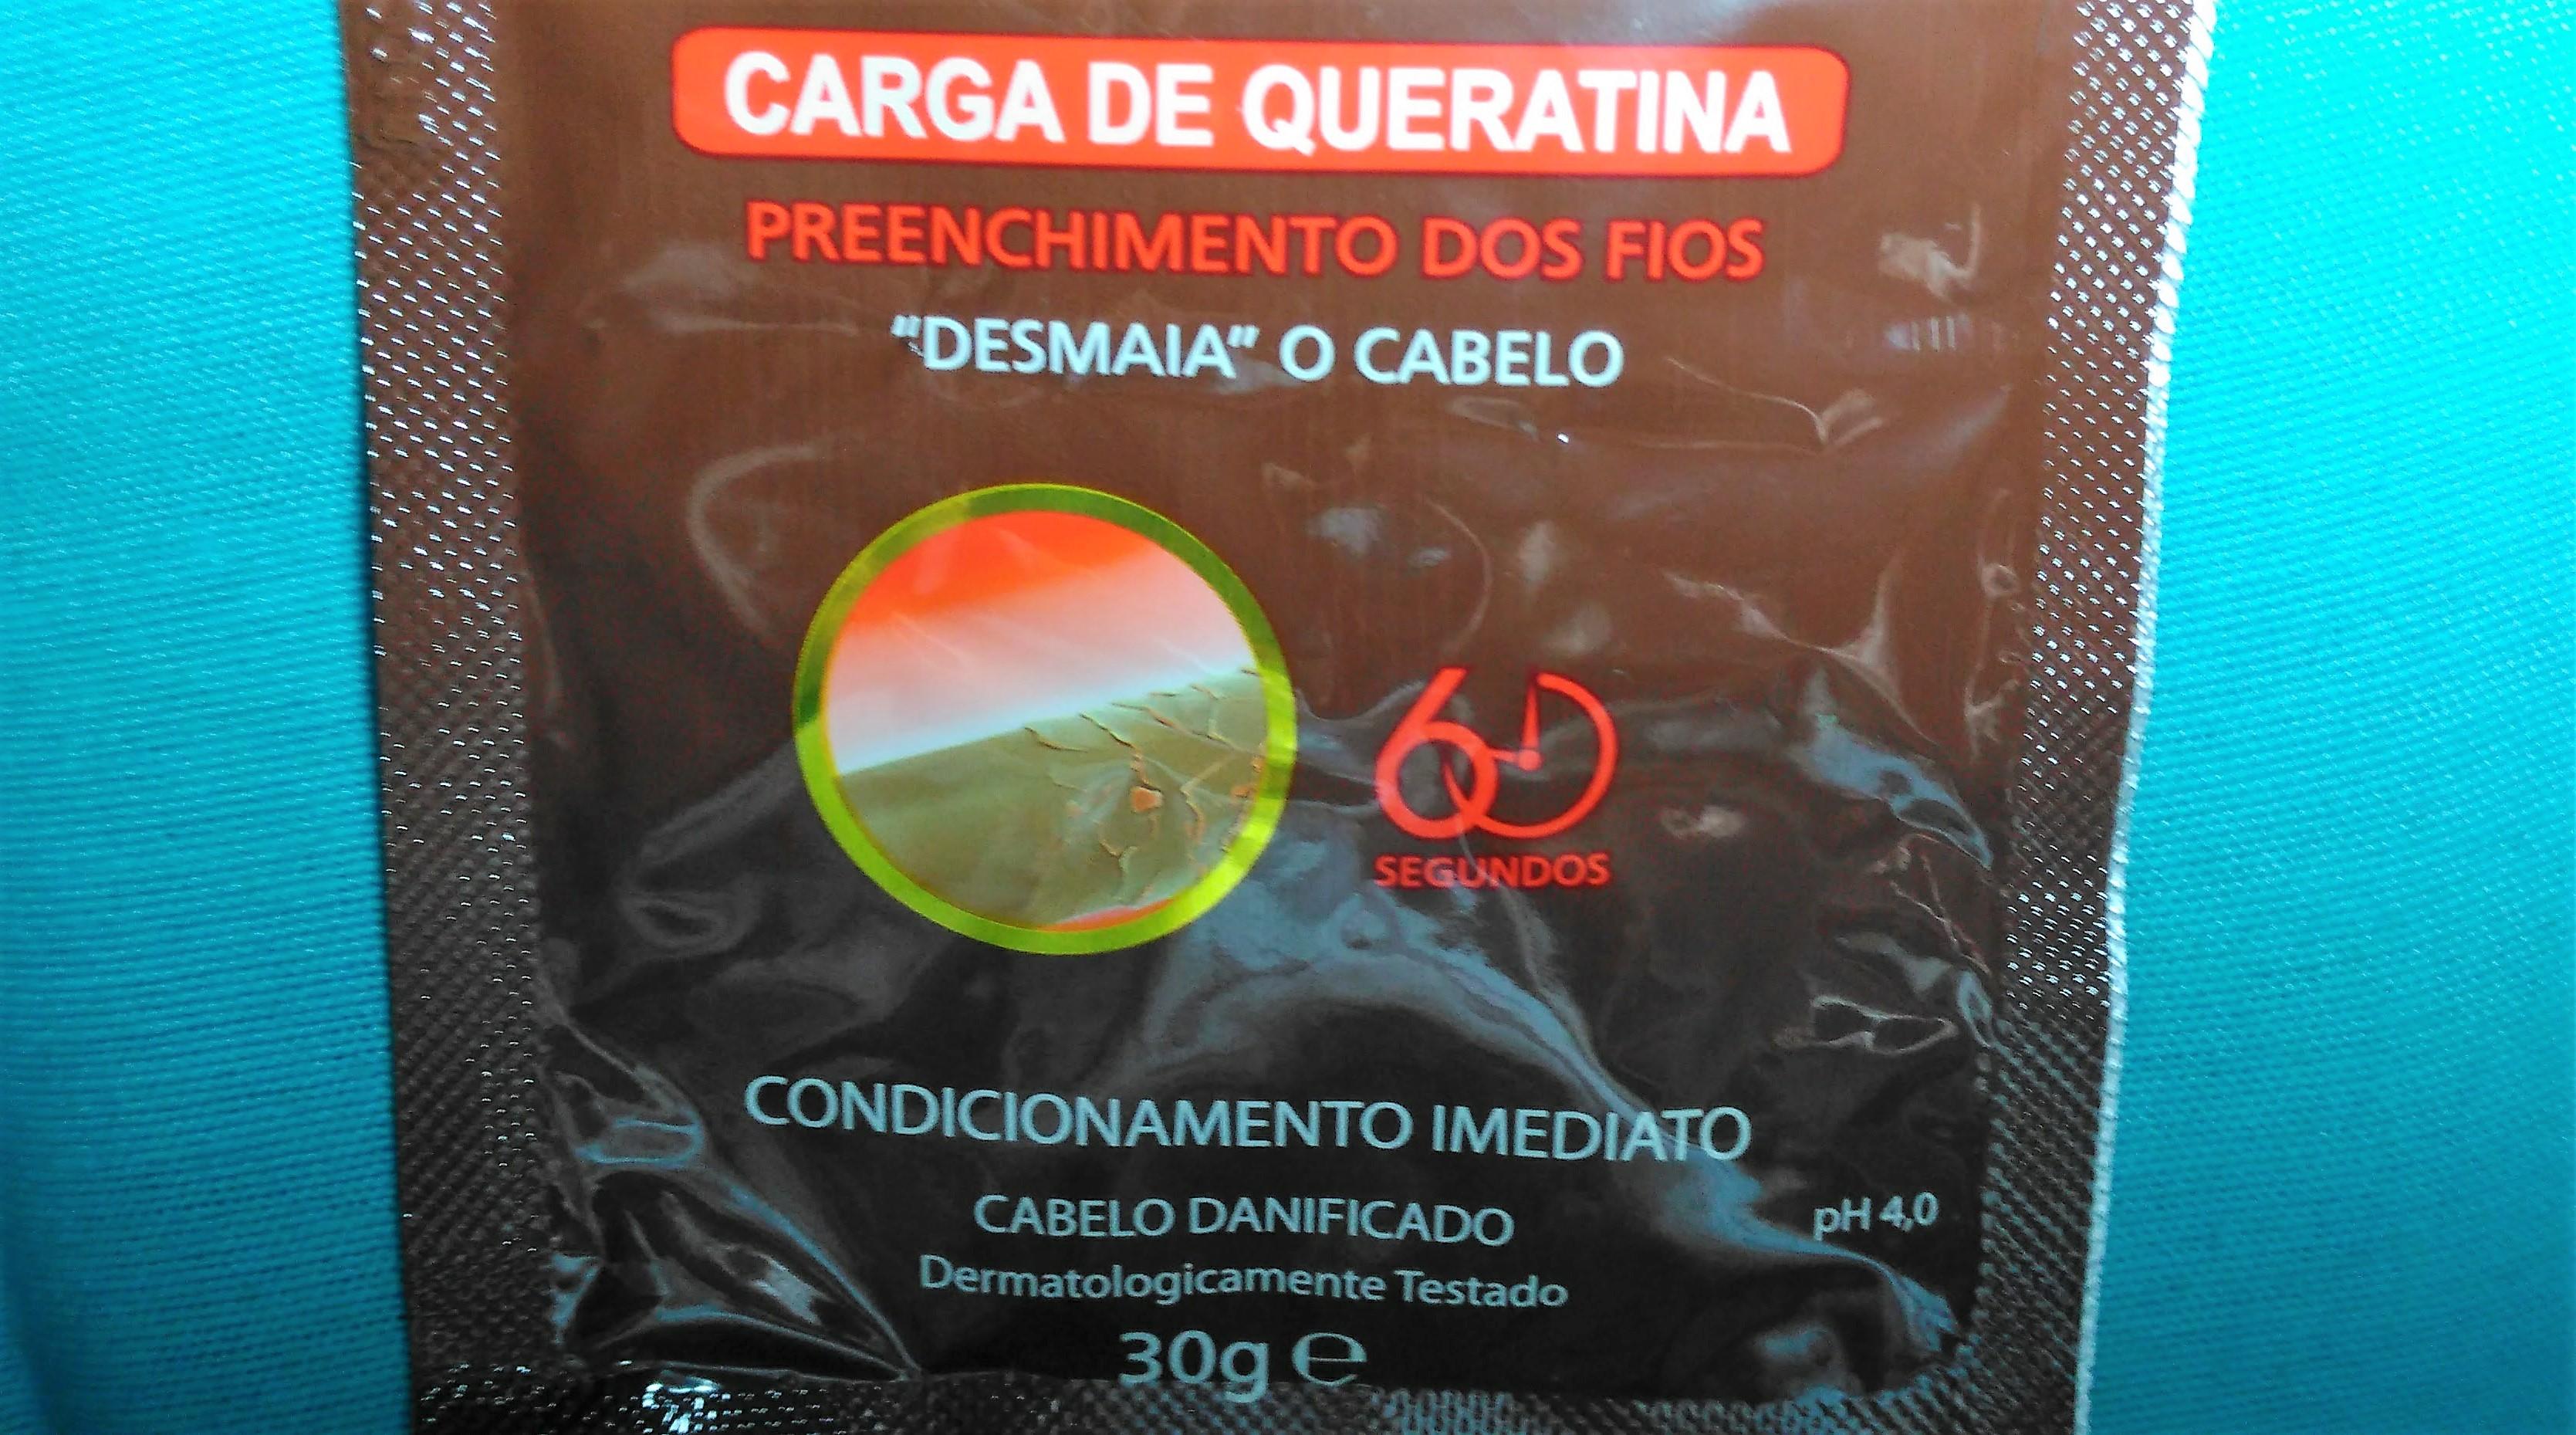 cargaQueratina2.jpg